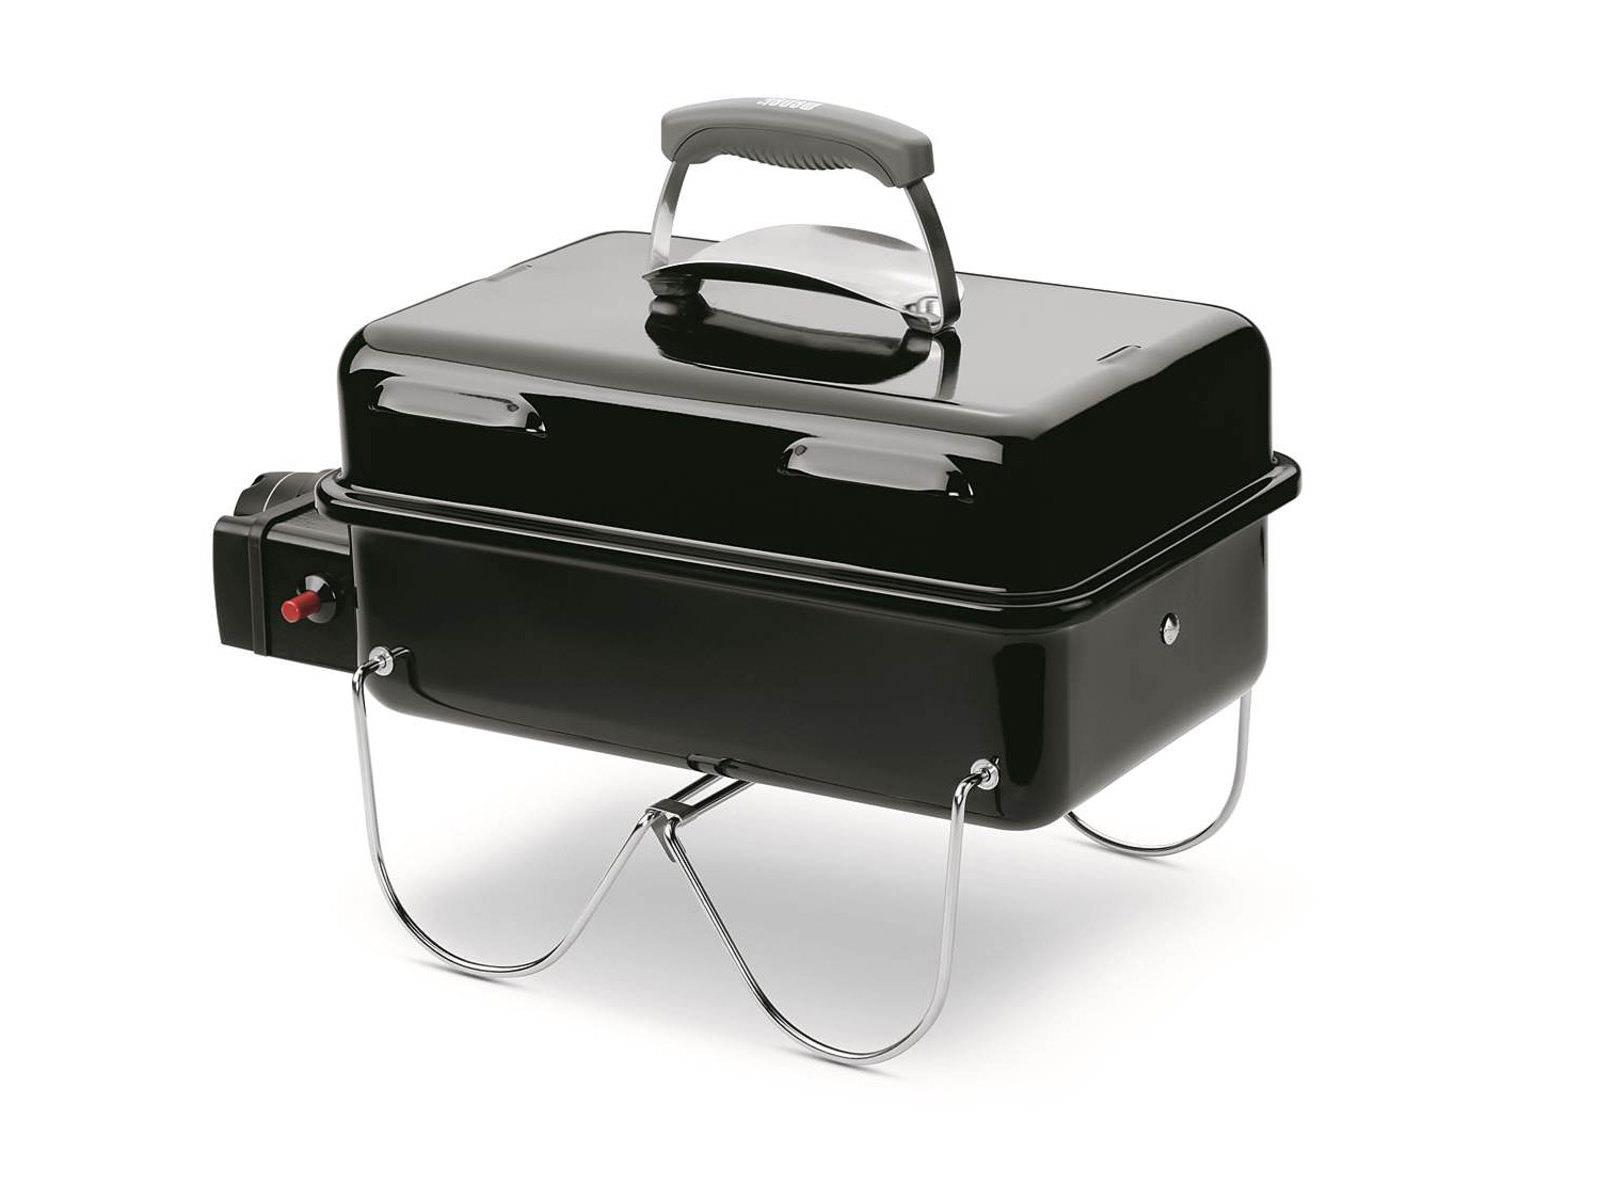 Weber Summit Outdoor Küche : Outdoor küche edelstahl weber outdoor küche mit weber grill smoker